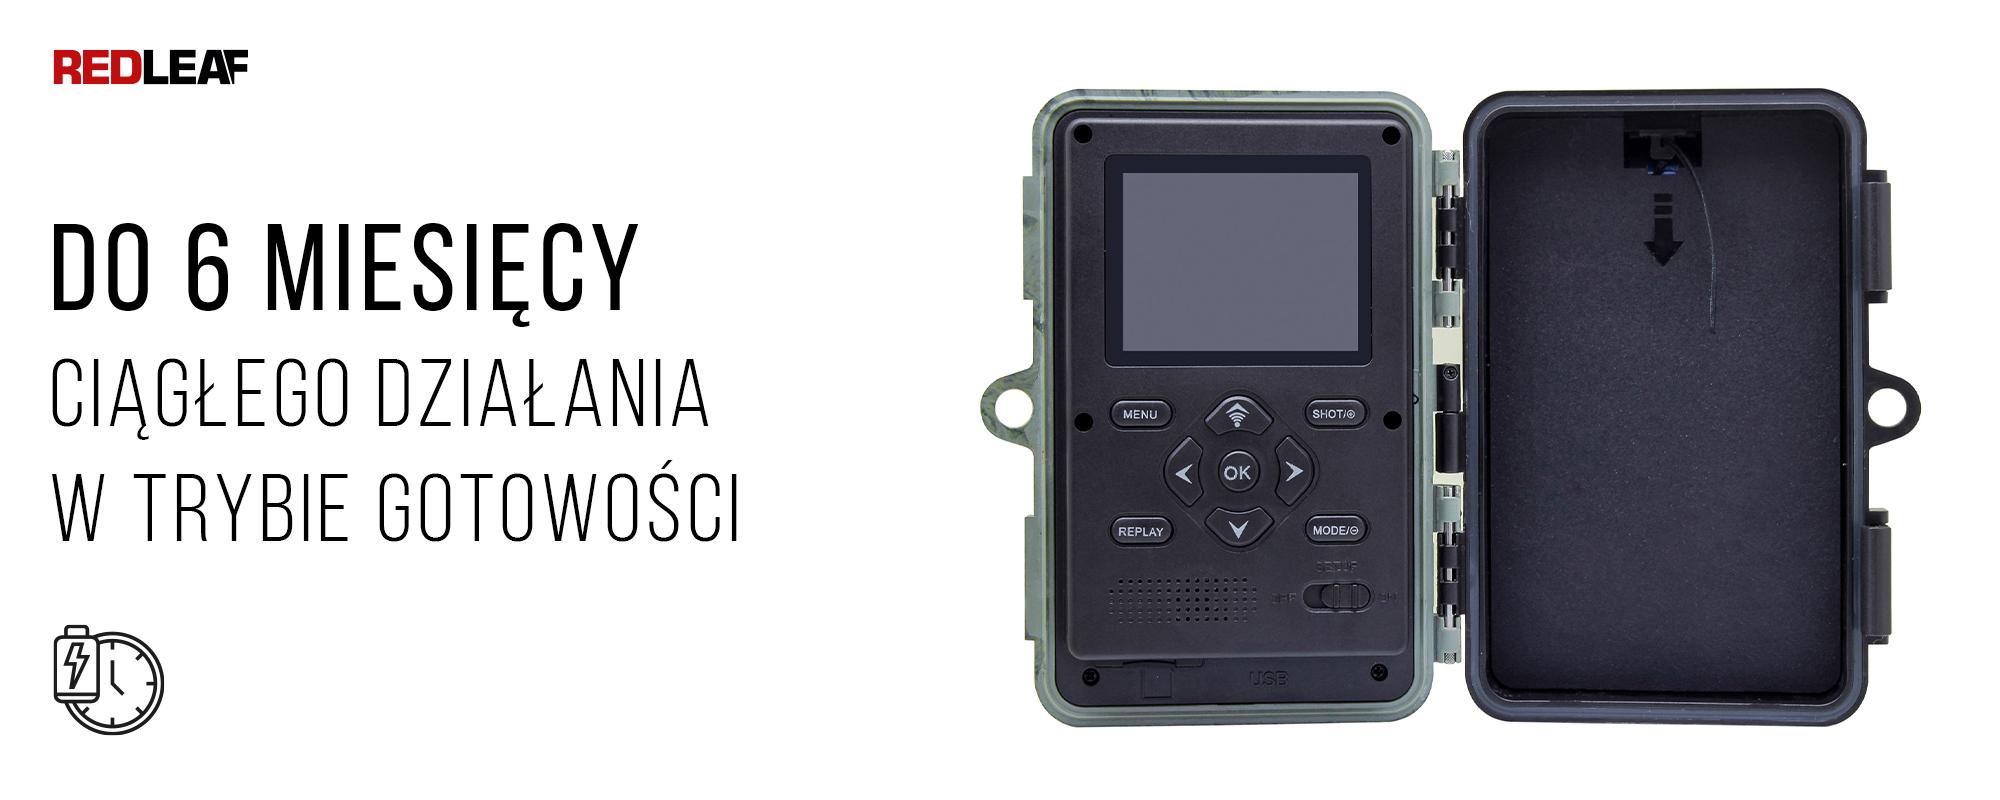 otwarta kamera obserwacyjna Redleaf RD3019 Pro